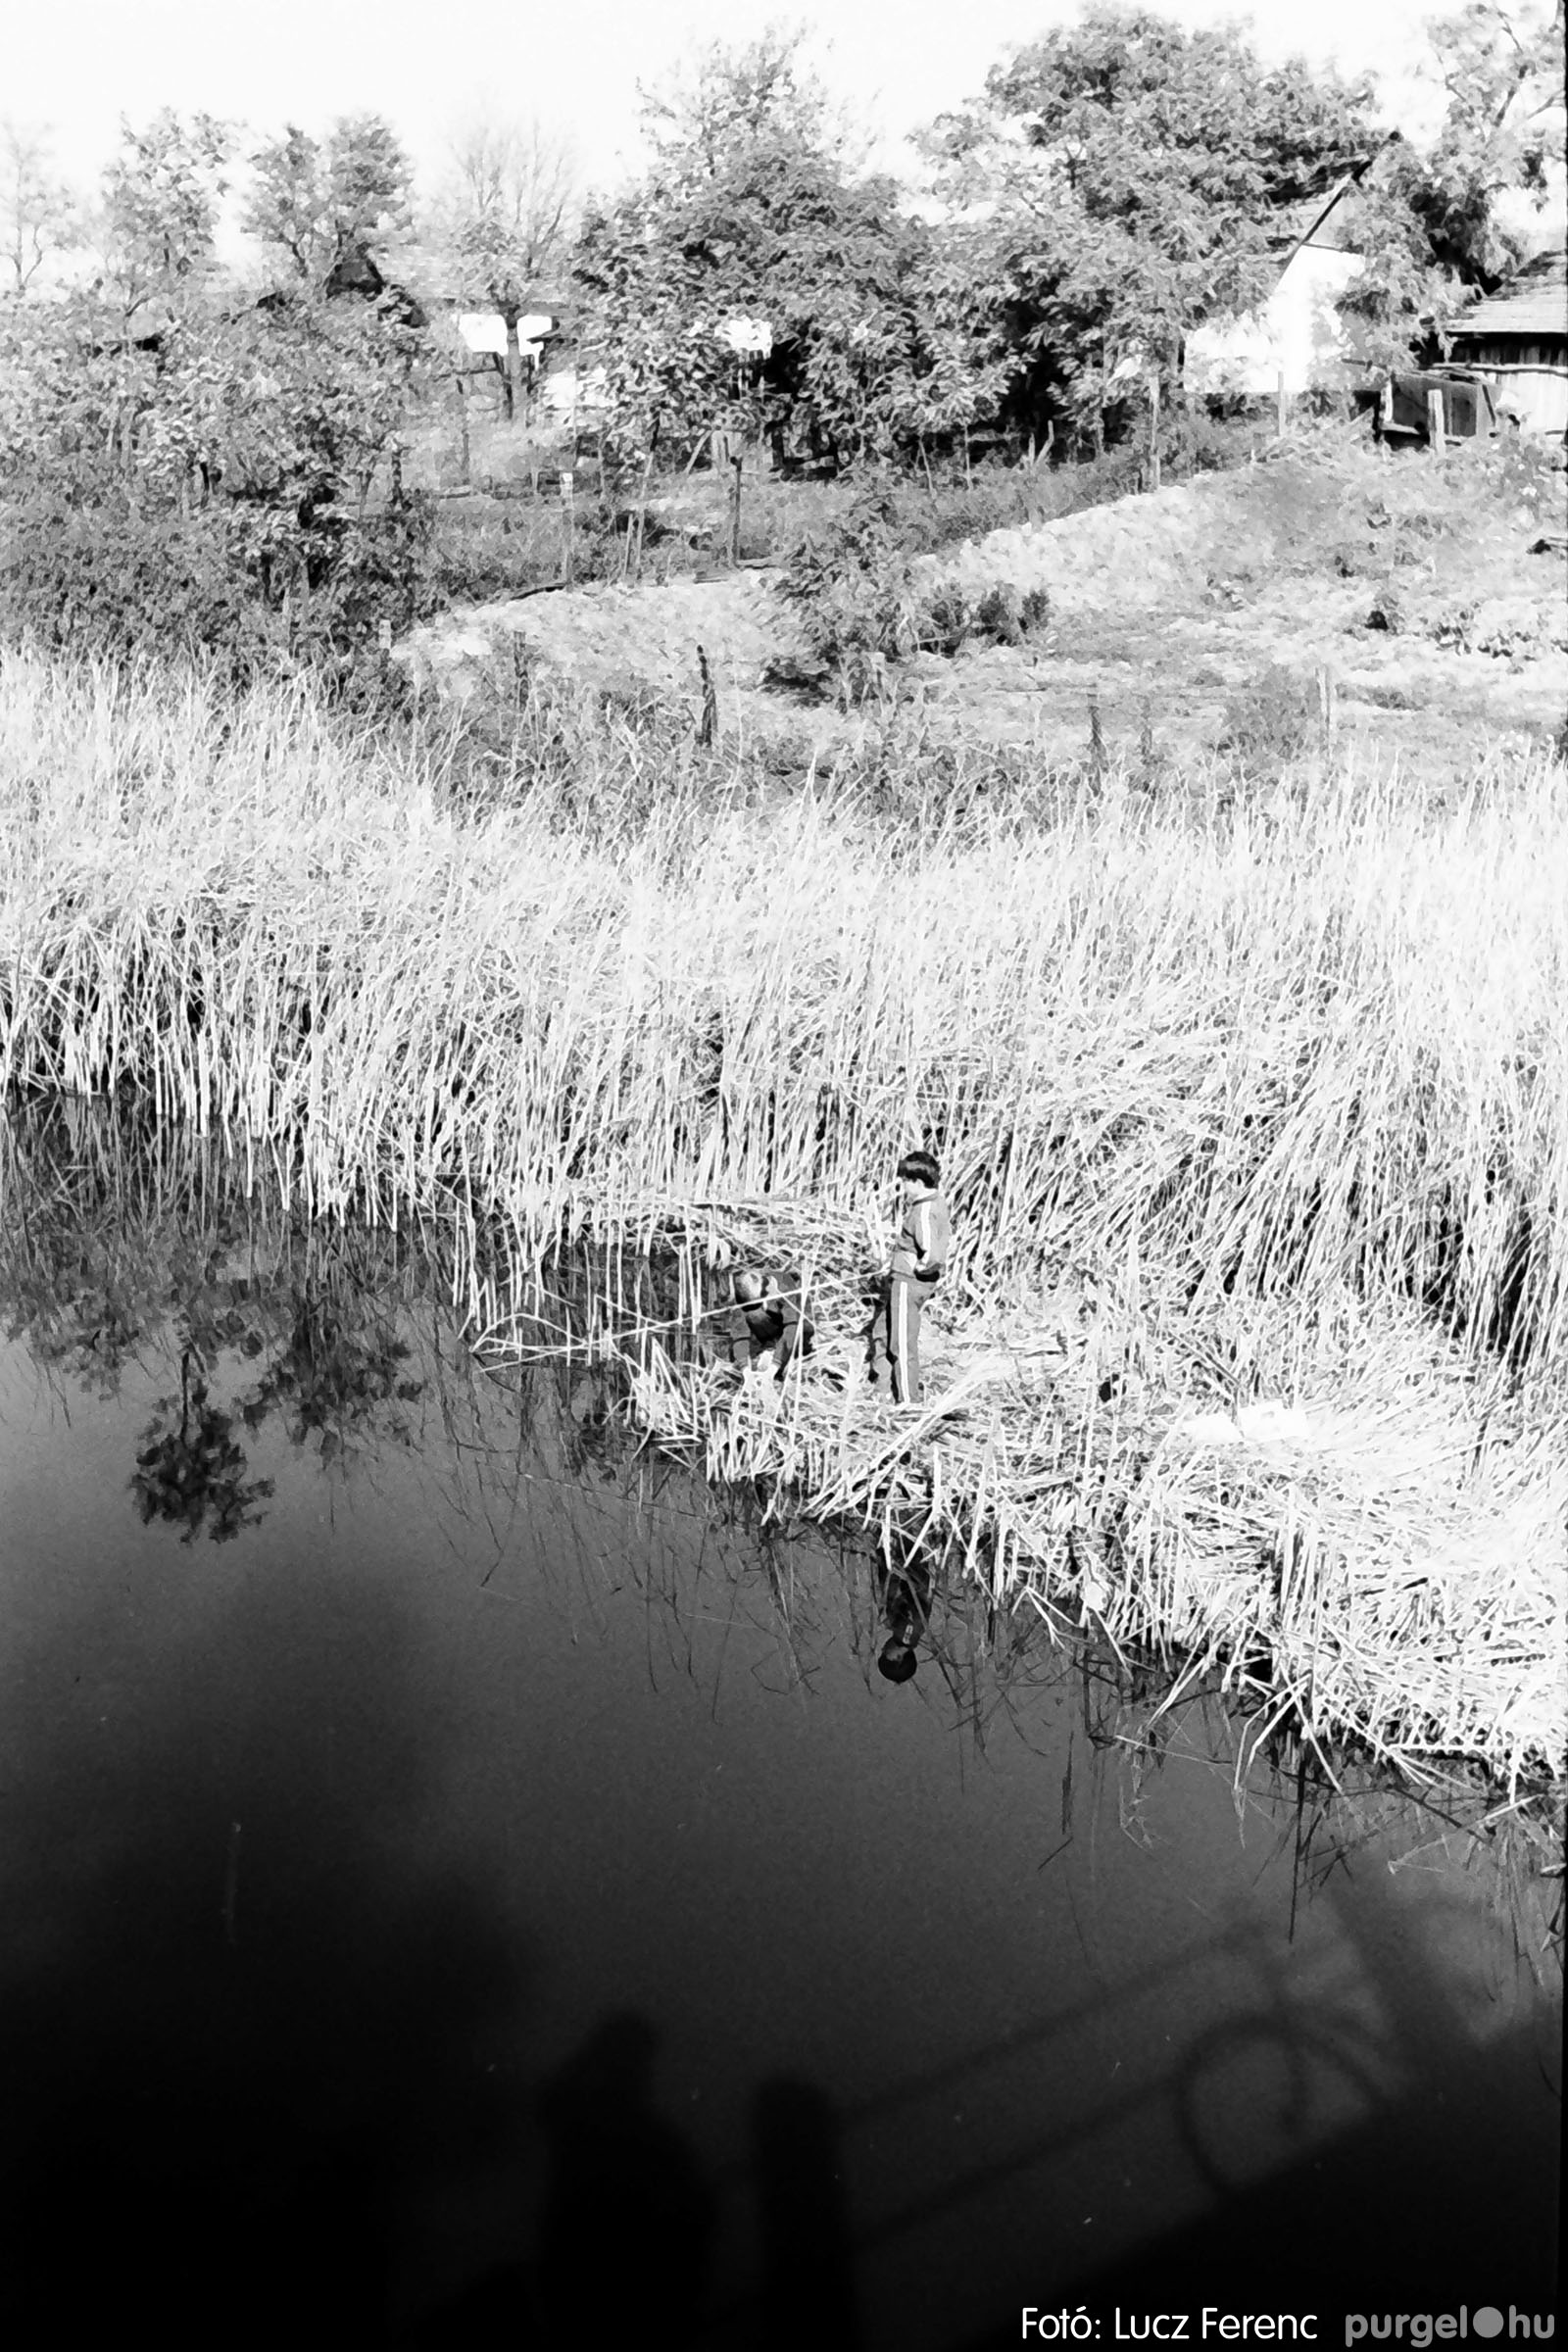 022 1975. Kurca, faluközpont, sportpálya 001 - Fotó: Lucz Ferenc .jpg